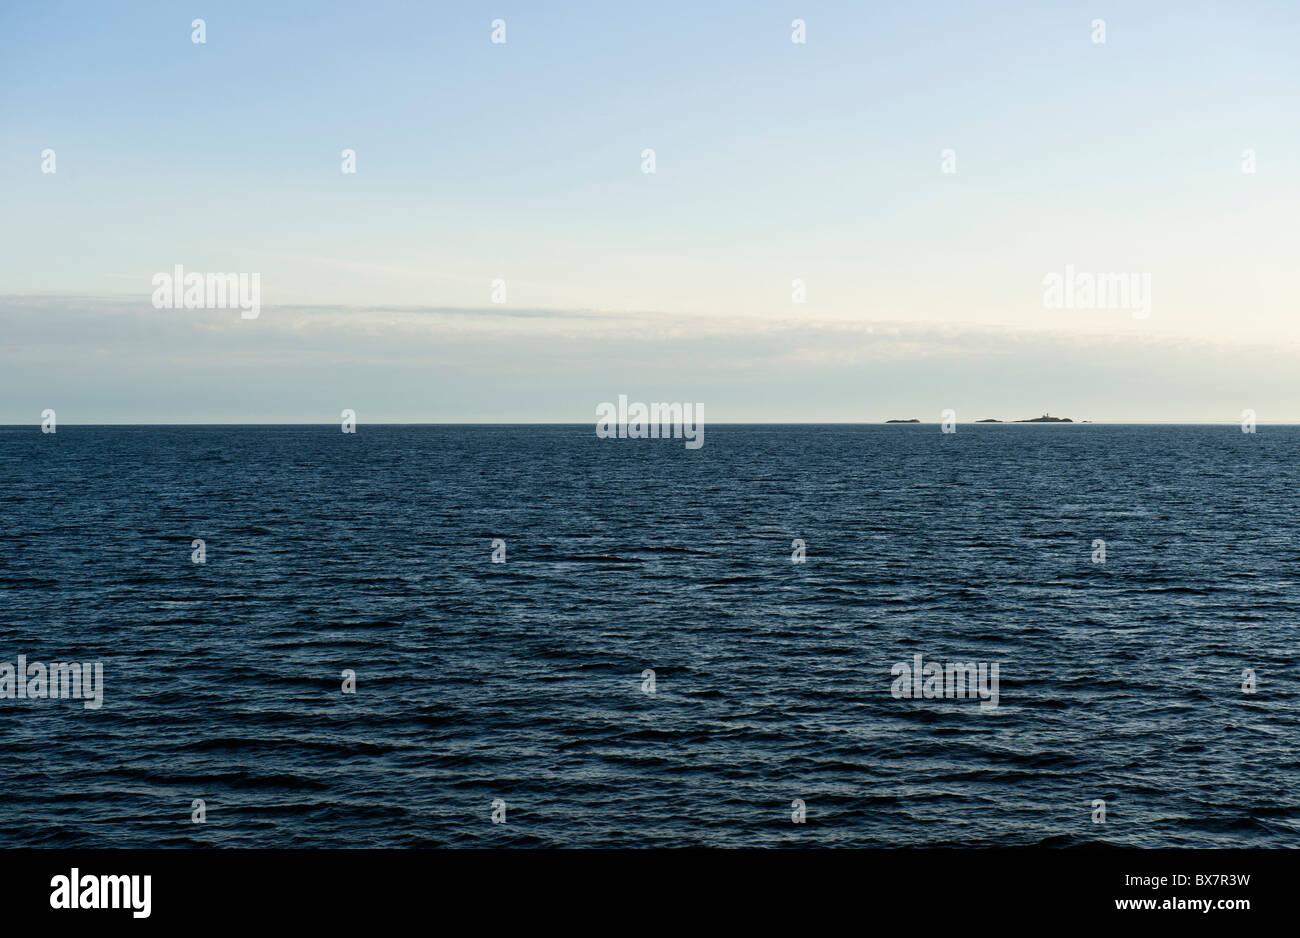 Ligne d'horizon sur le fjord fjord Vestfjord (ouest) à l'extérieur des îles Lofoten, Norvège Photo Stock